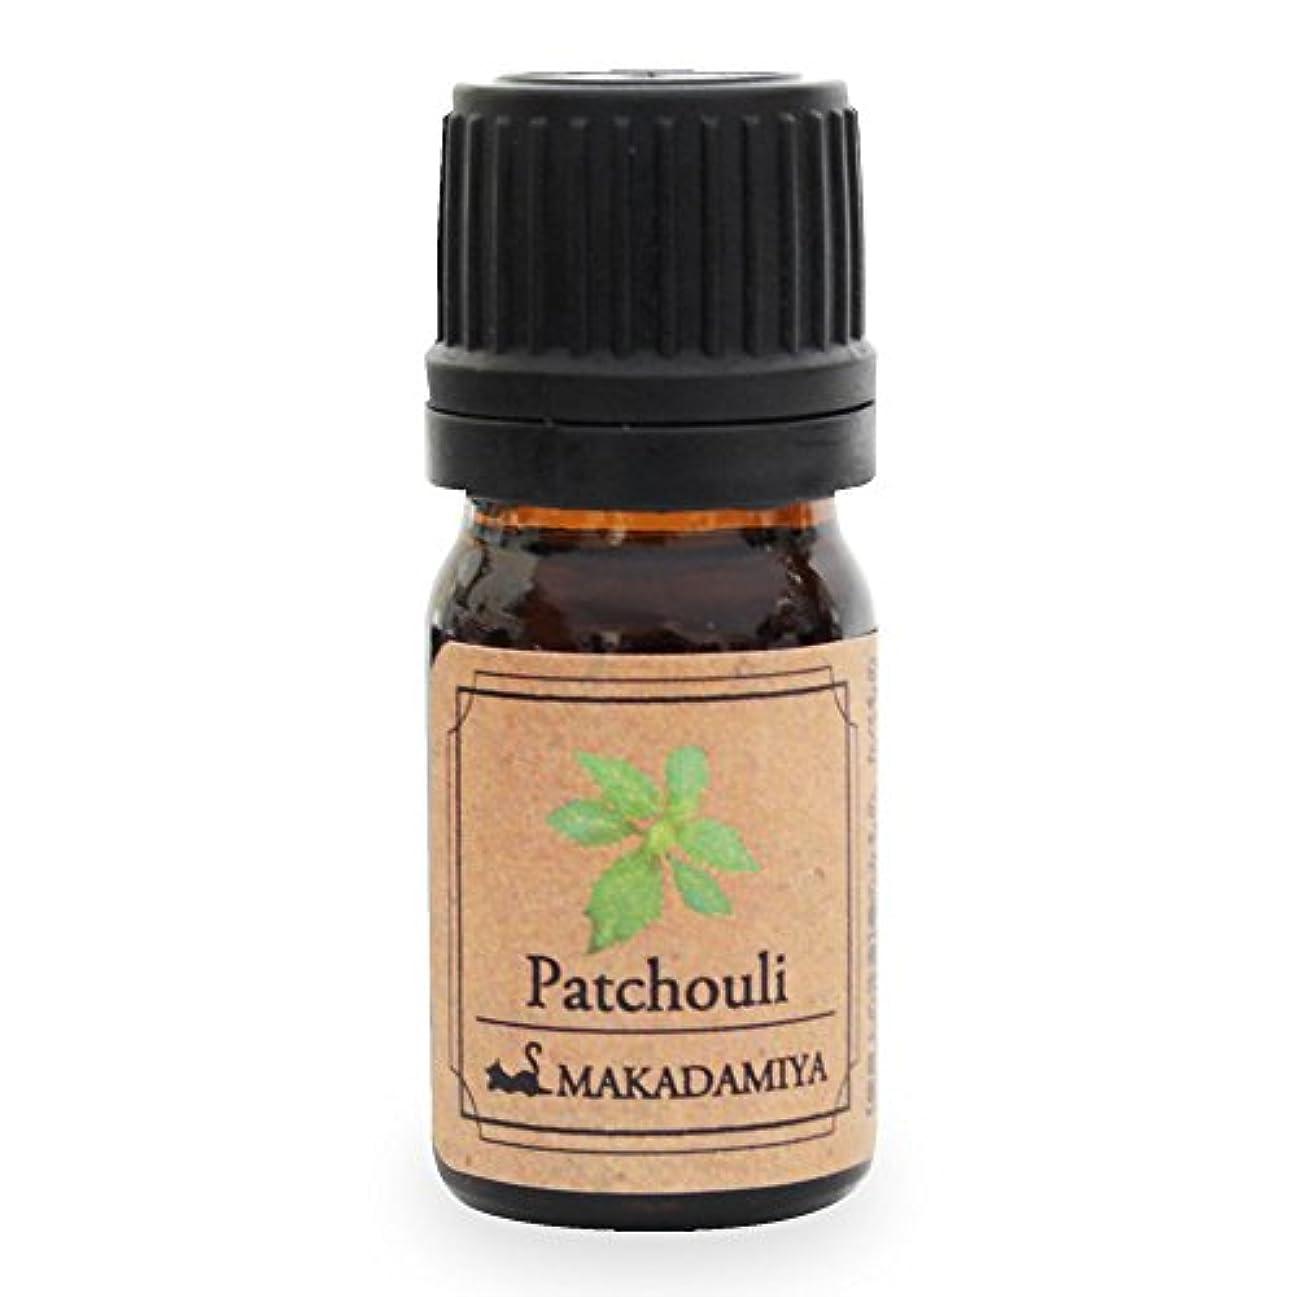 ビデオ音楽勇気パチュリ5ml 天然100%植物性 エッセンシャルオイル(精油) アロマオイル アロママッサージ aroma Patchouli